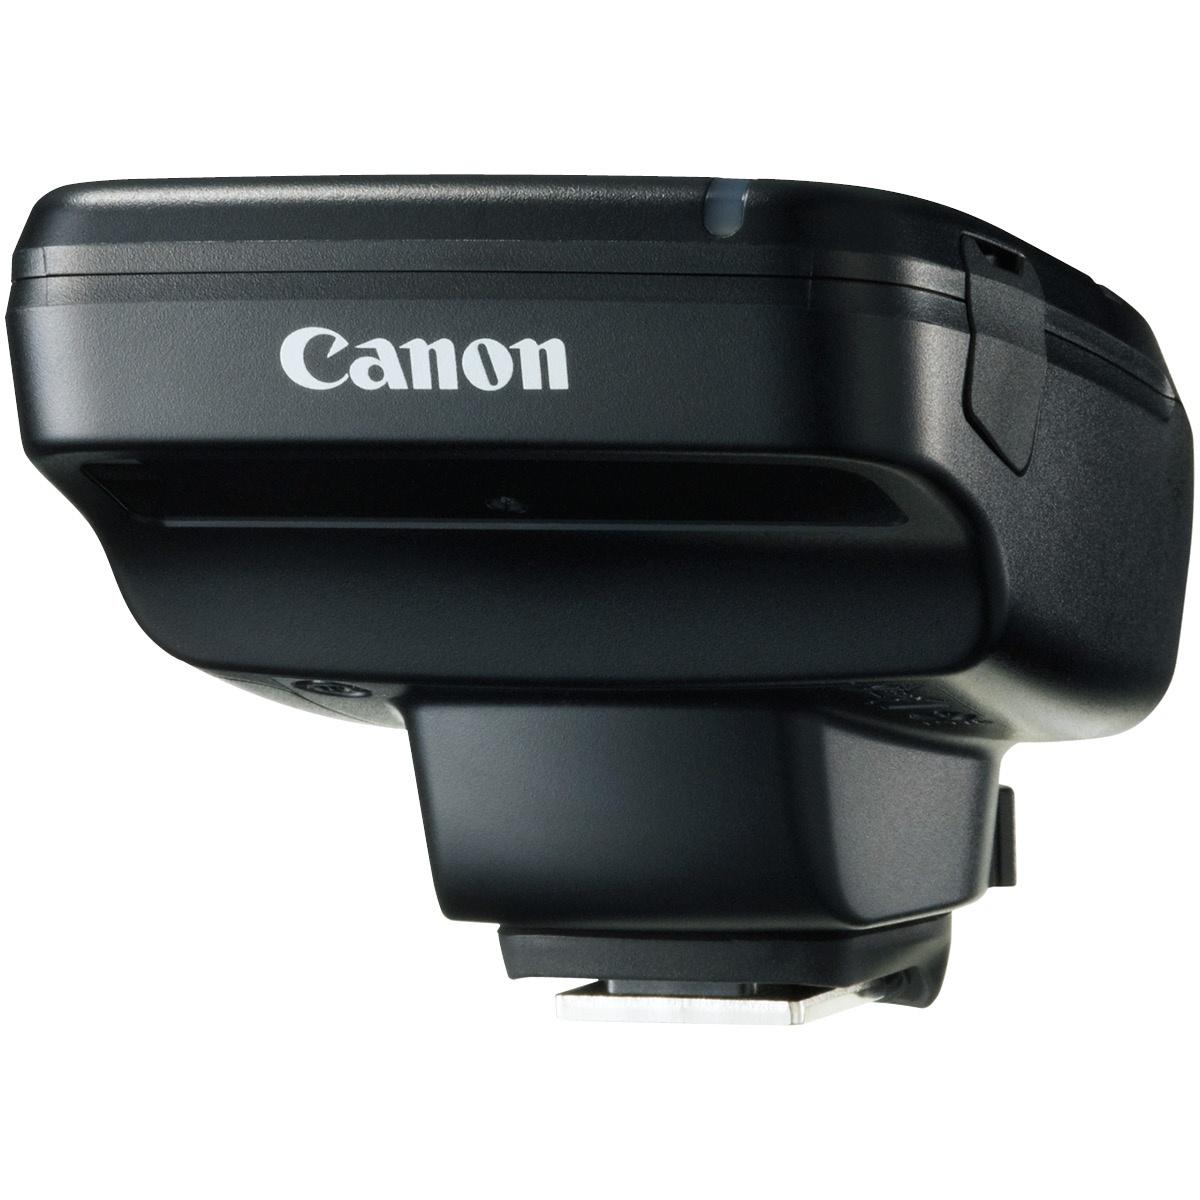 Canon ST-E3-RT Transmitter Blitz-Fernauslöser